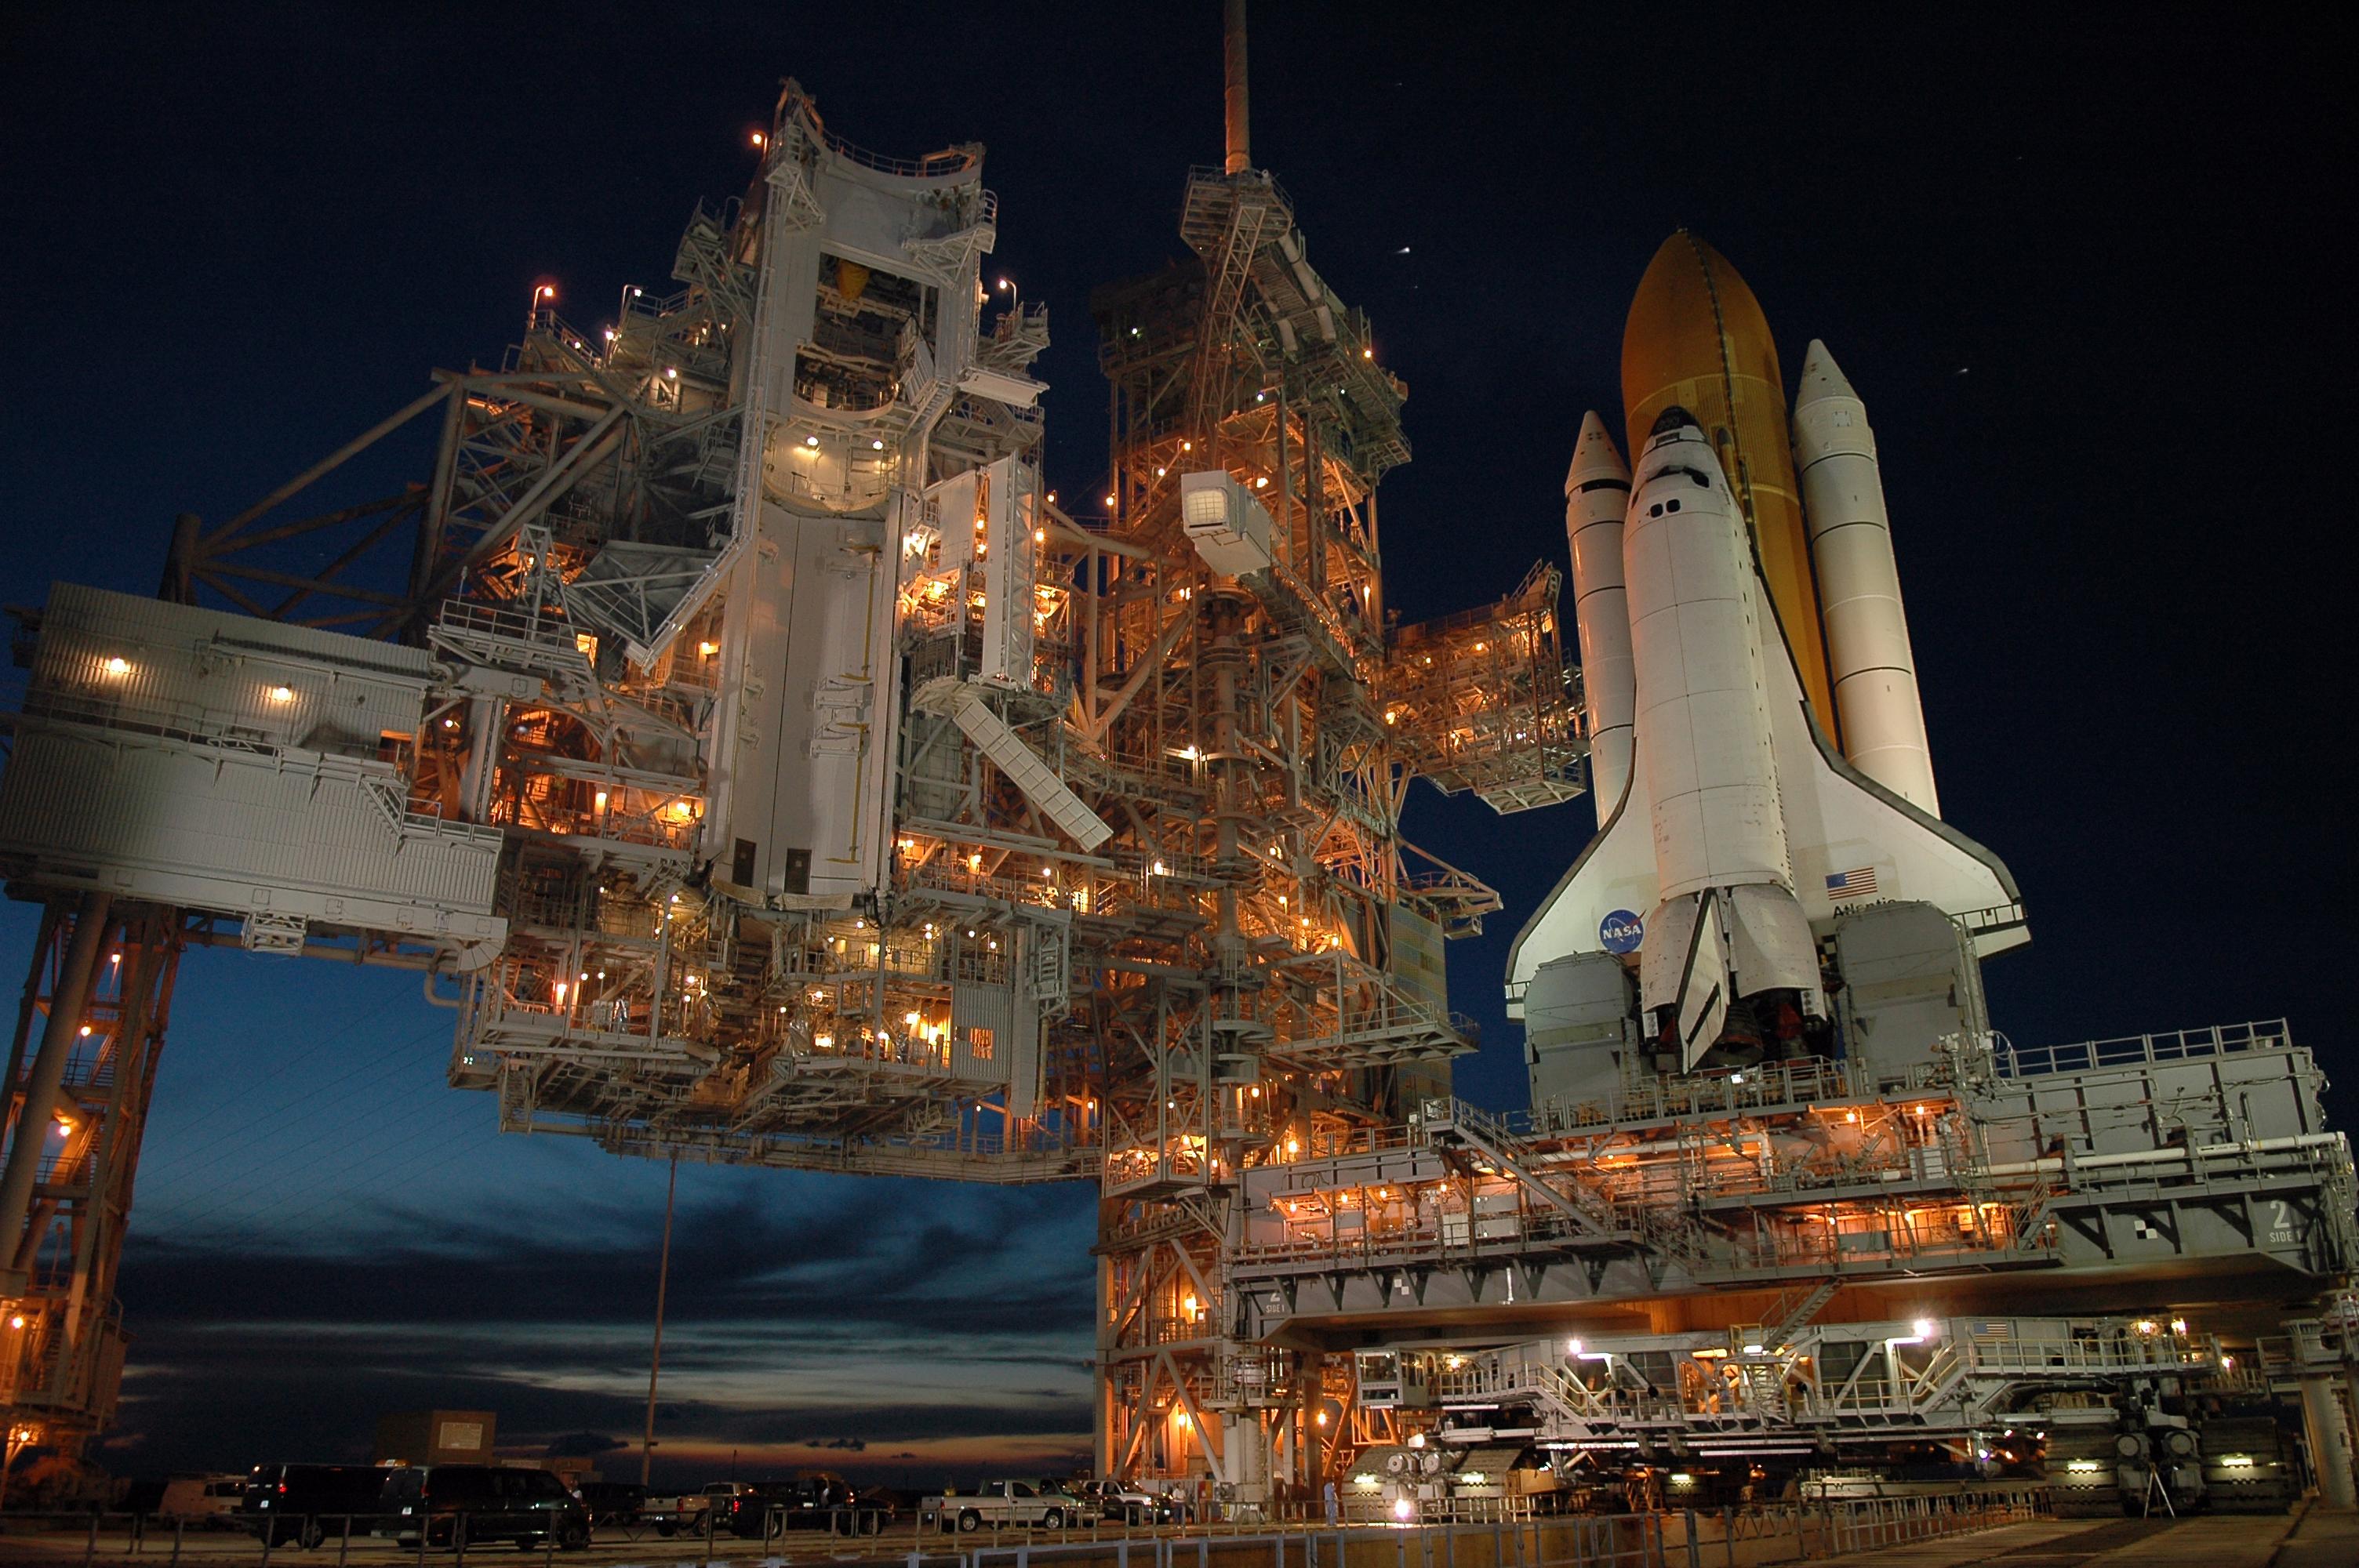 NASA Announces Space Shuttle Atlantis Launch Date ...